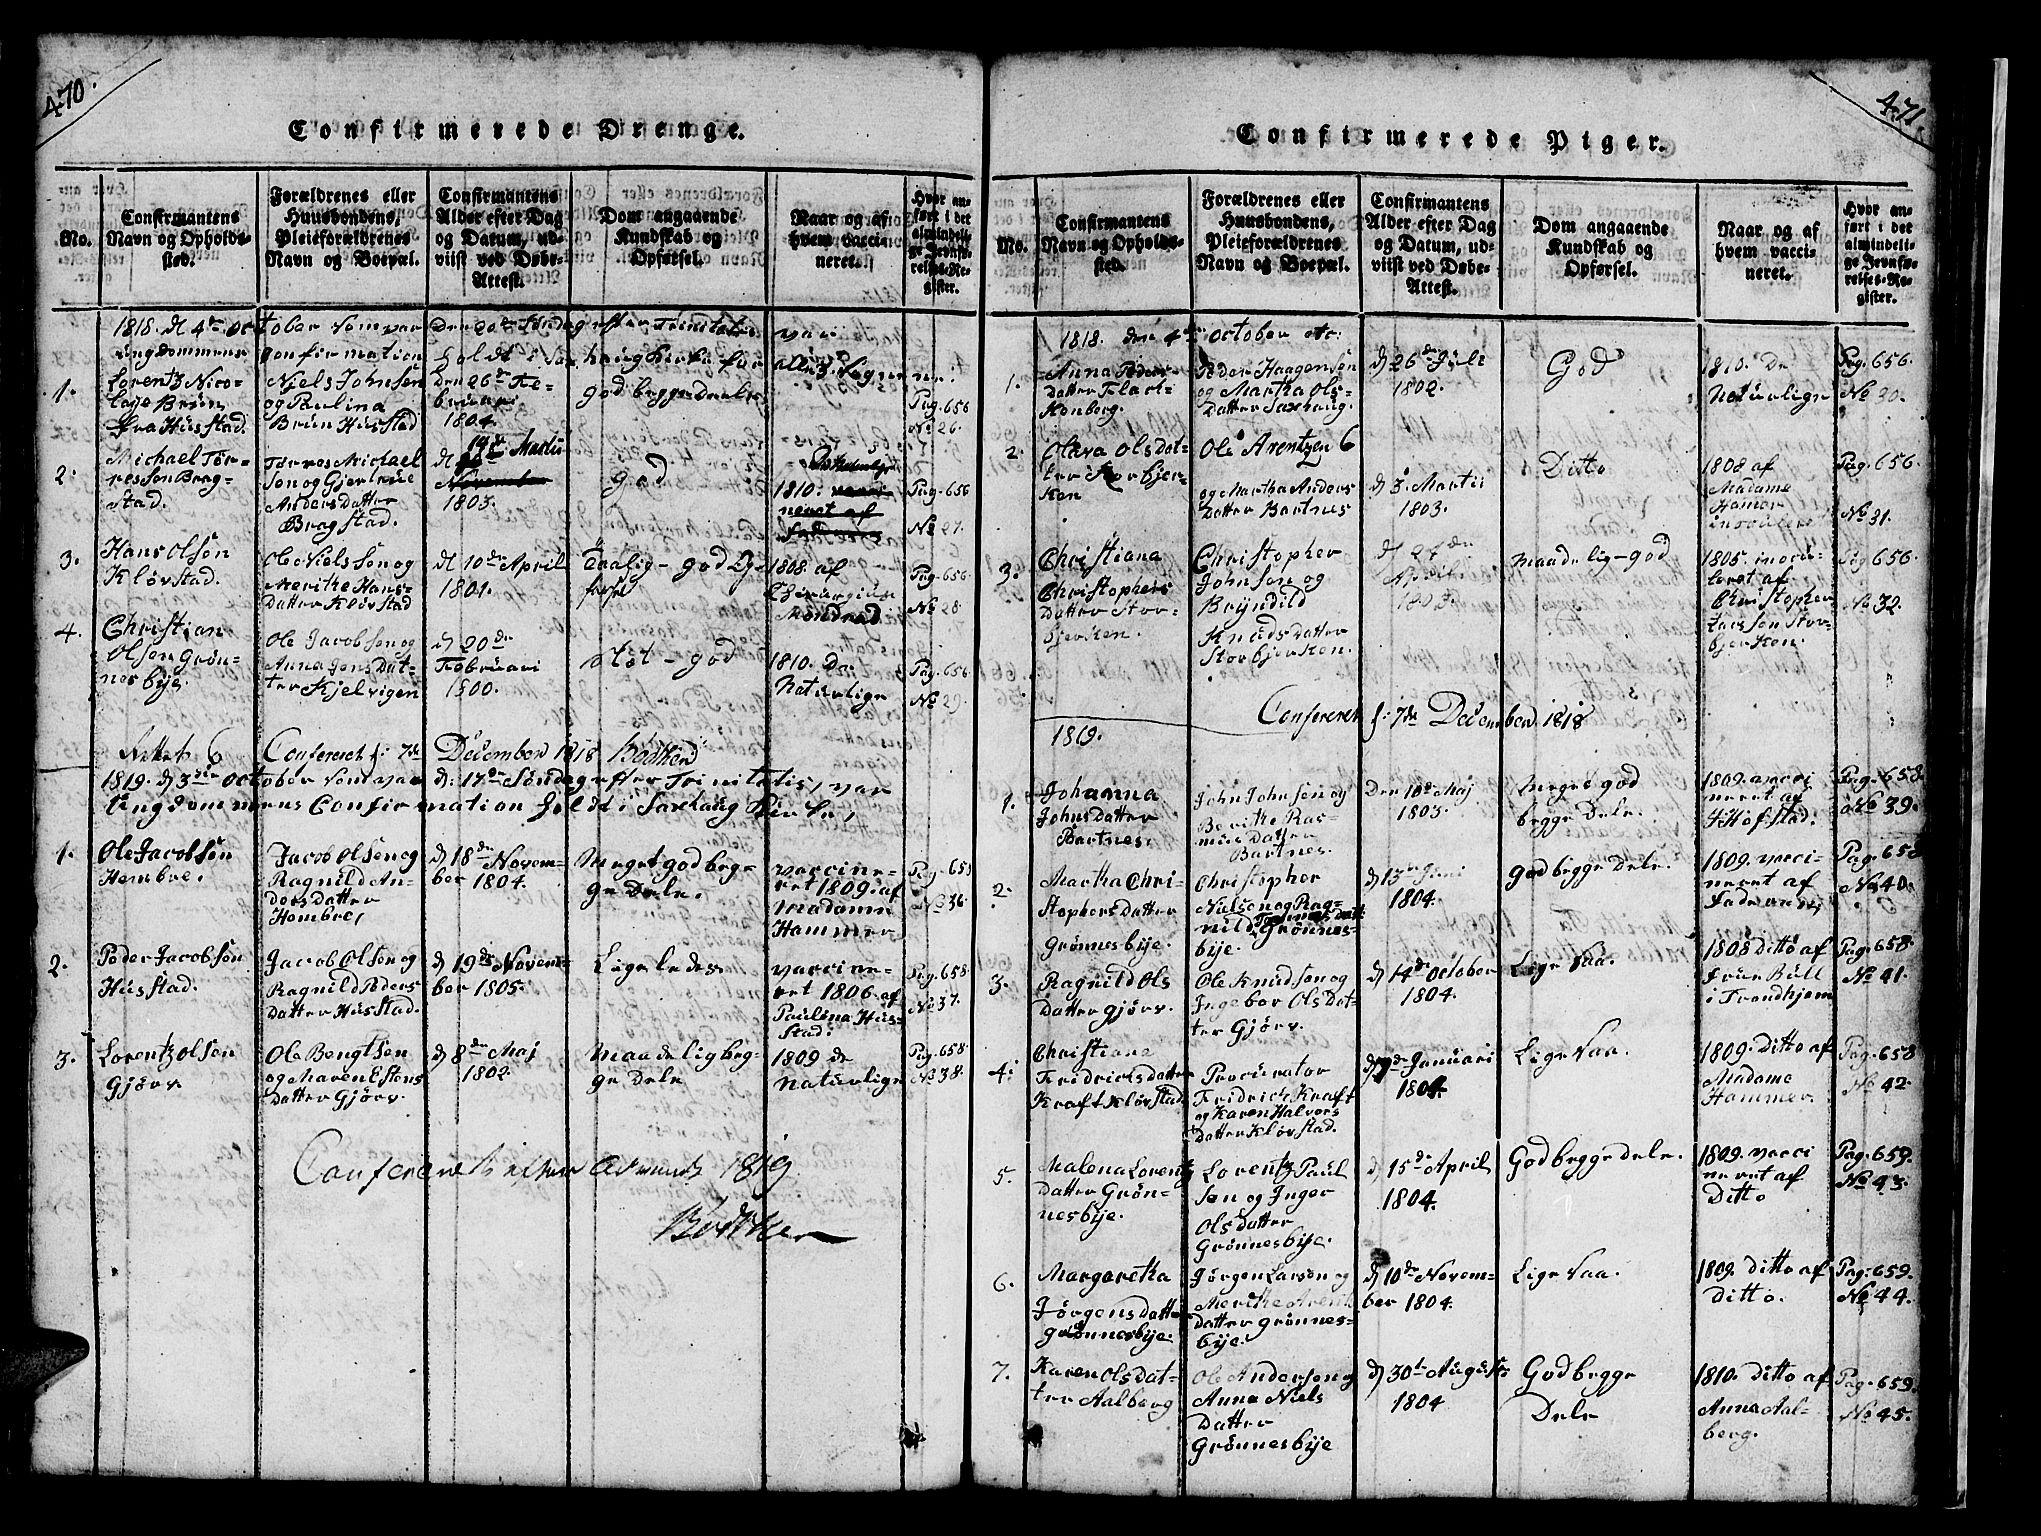 SAT, Ministerialprotokoller, klokkerbøker og fødselsregistre - Nord-Trøndelag, 732/L0317: Klokkerbok nr. 732C01, 1816-1881, s. 470-471